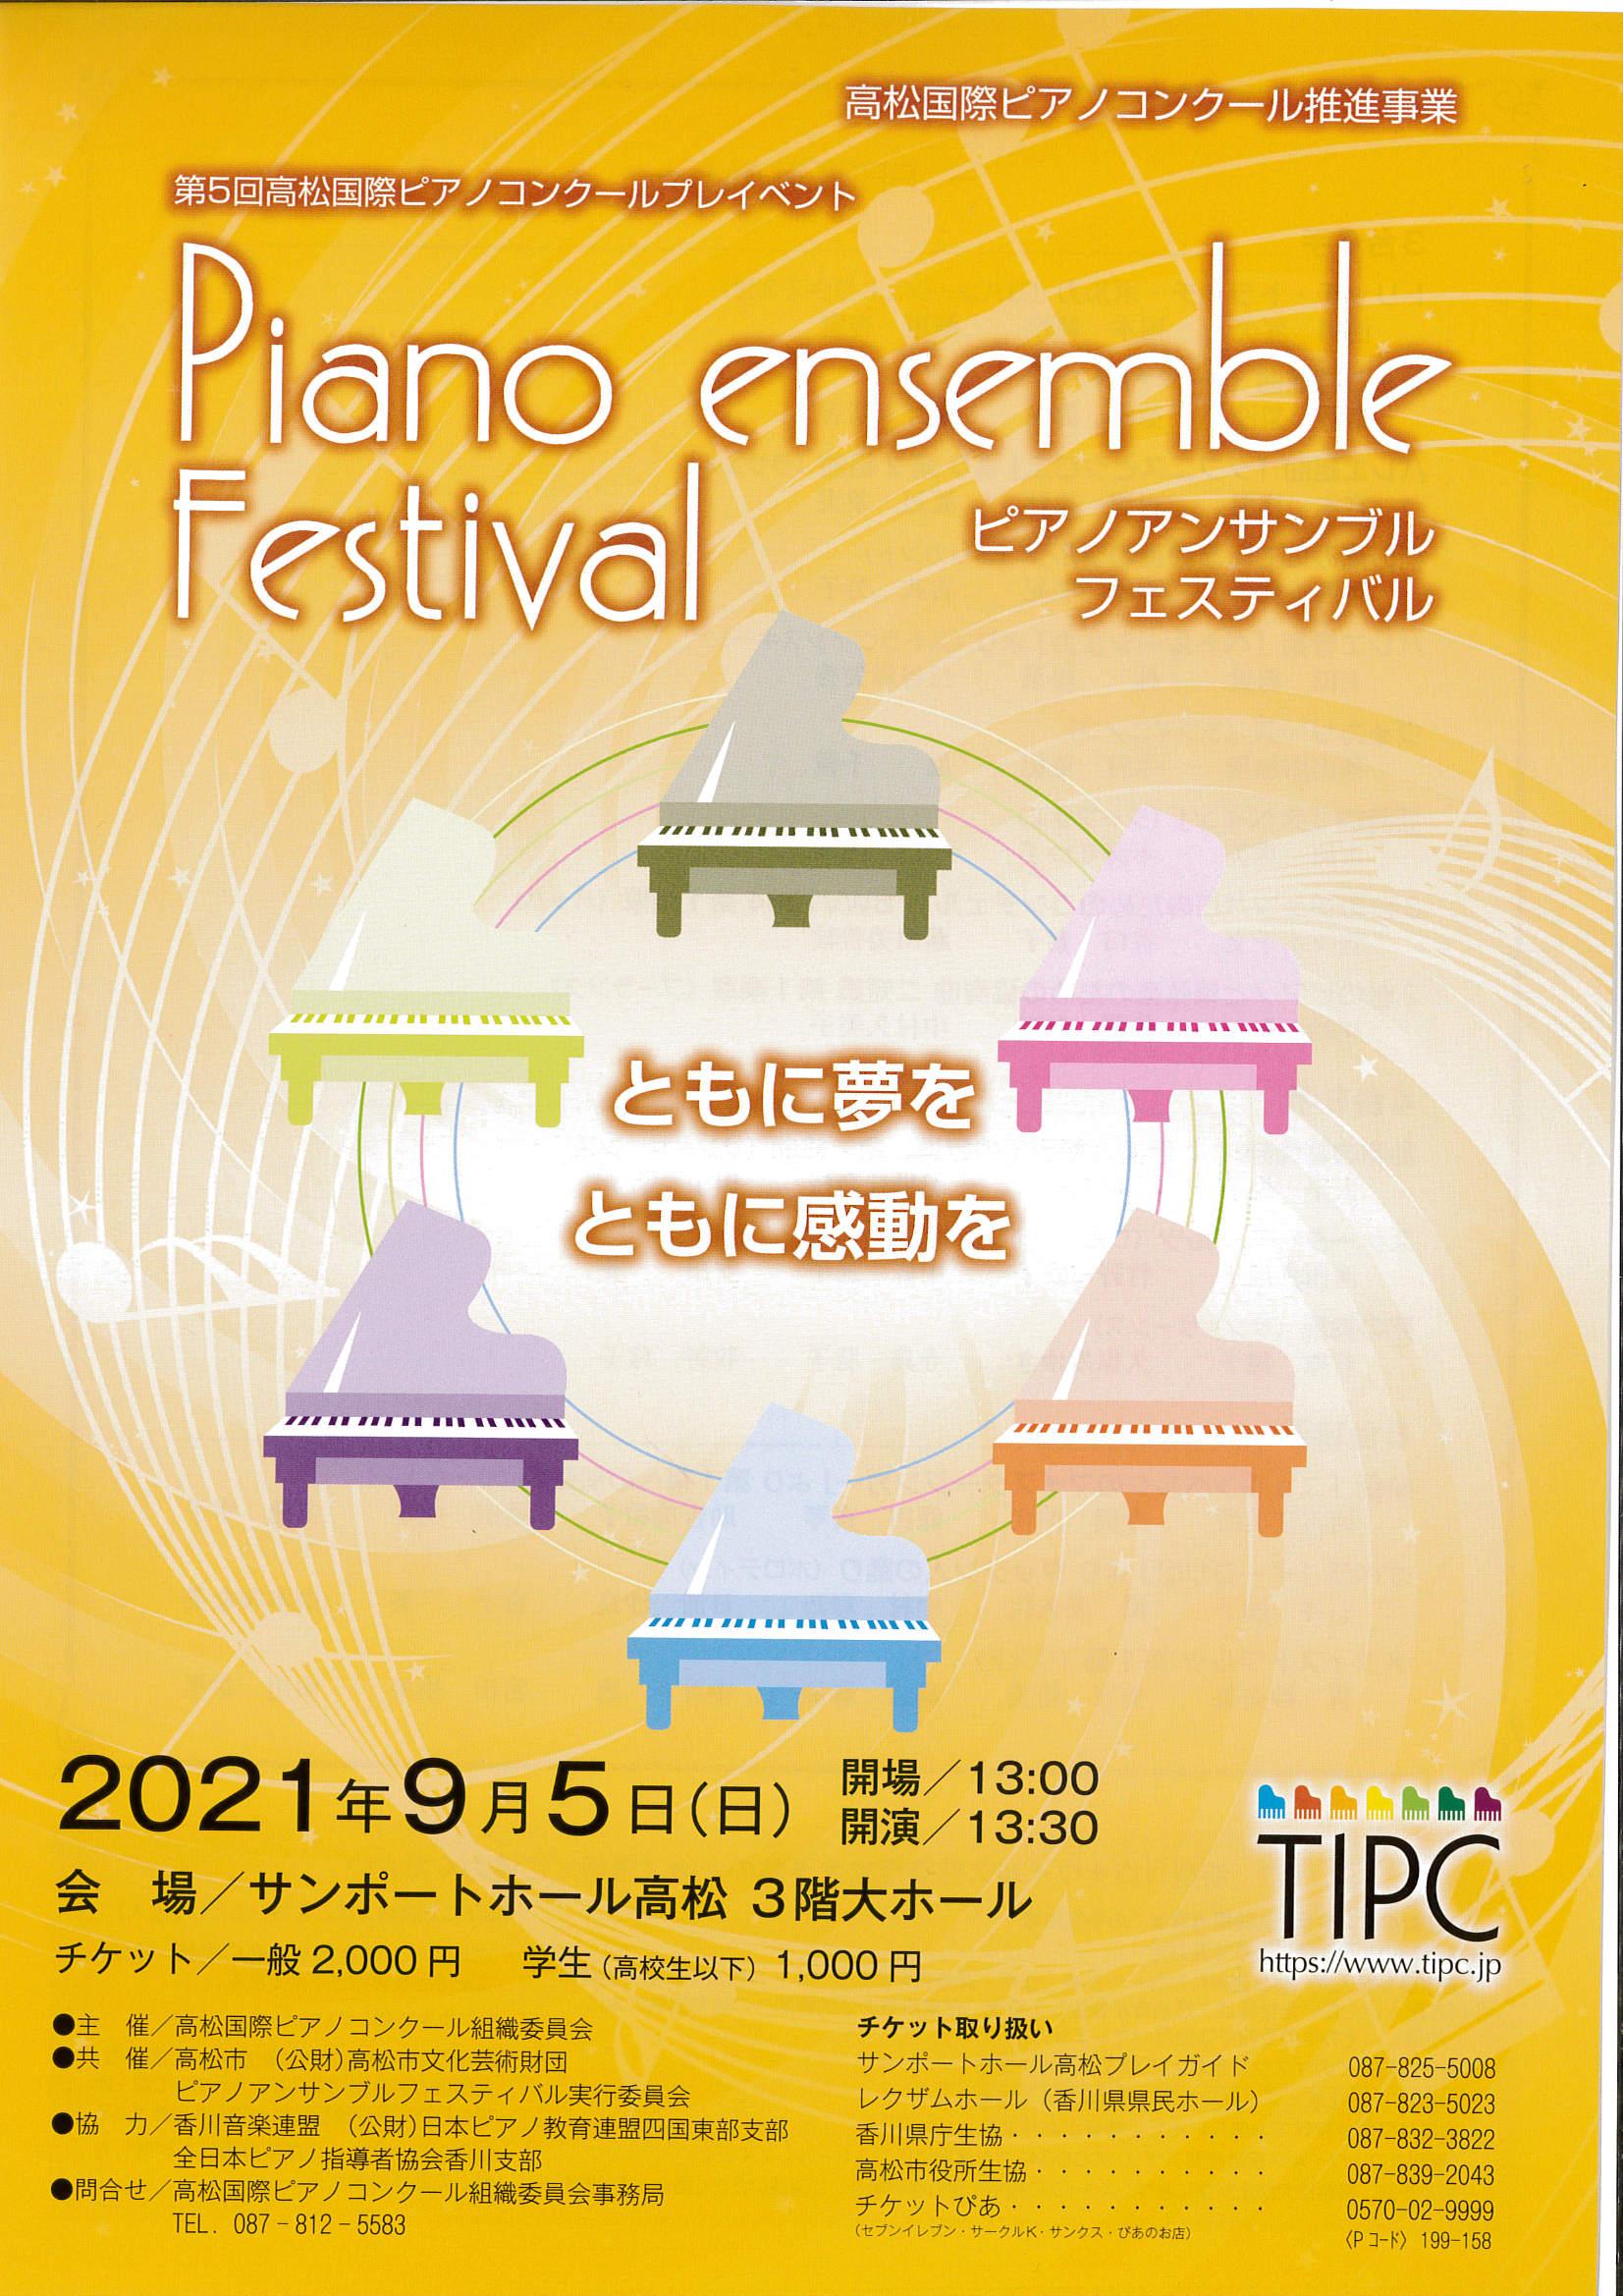 ピアノアンサンブル フェスティバル